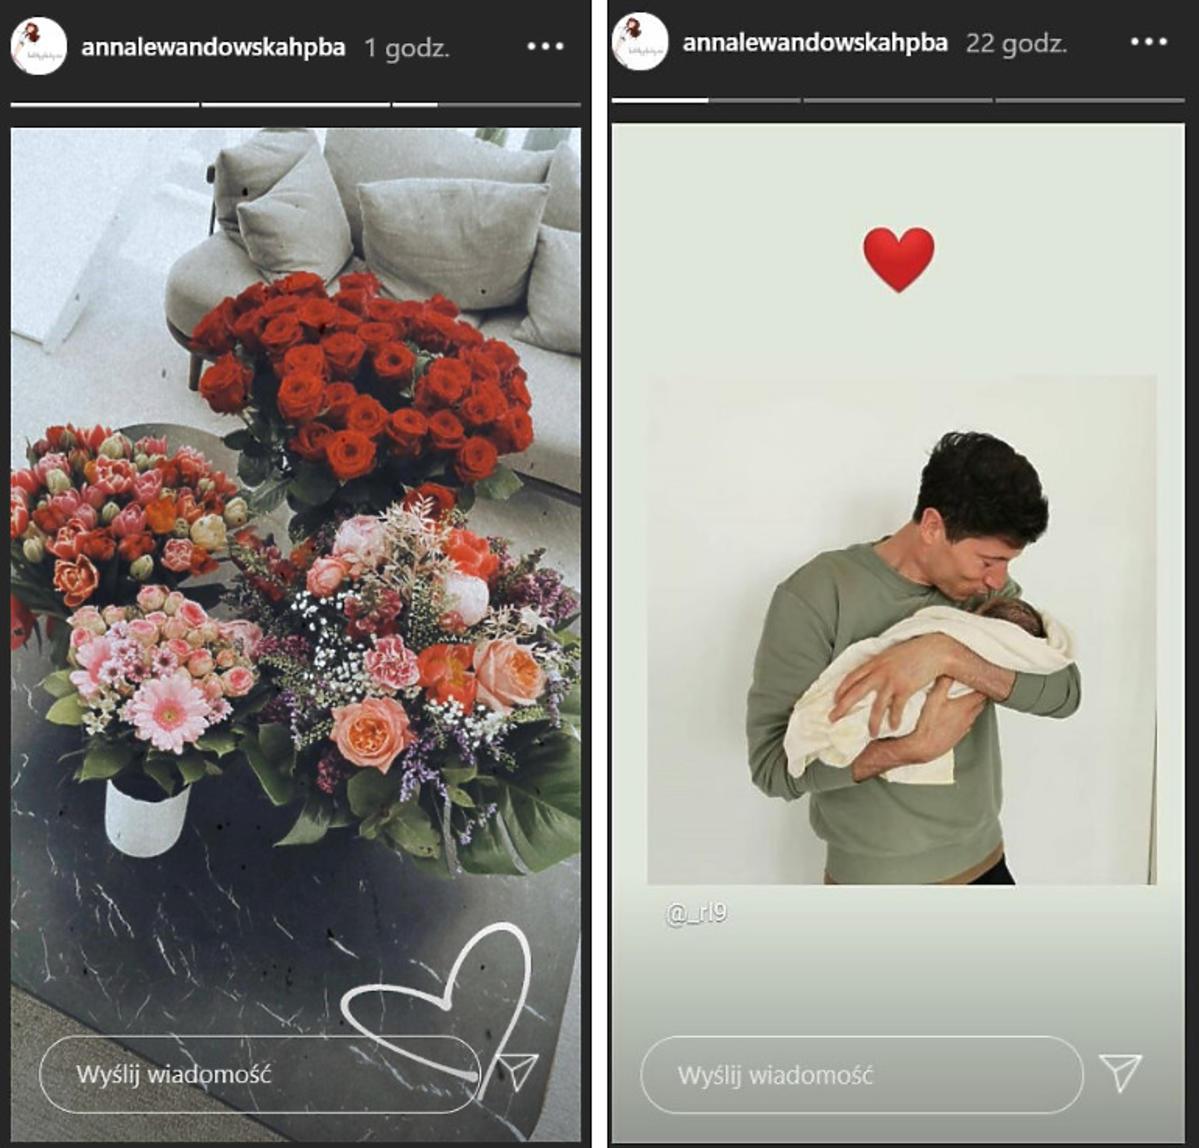 Anna Lewandowska pokazała zdjęci kwiatów i Roberta Lewandowskiego z córką